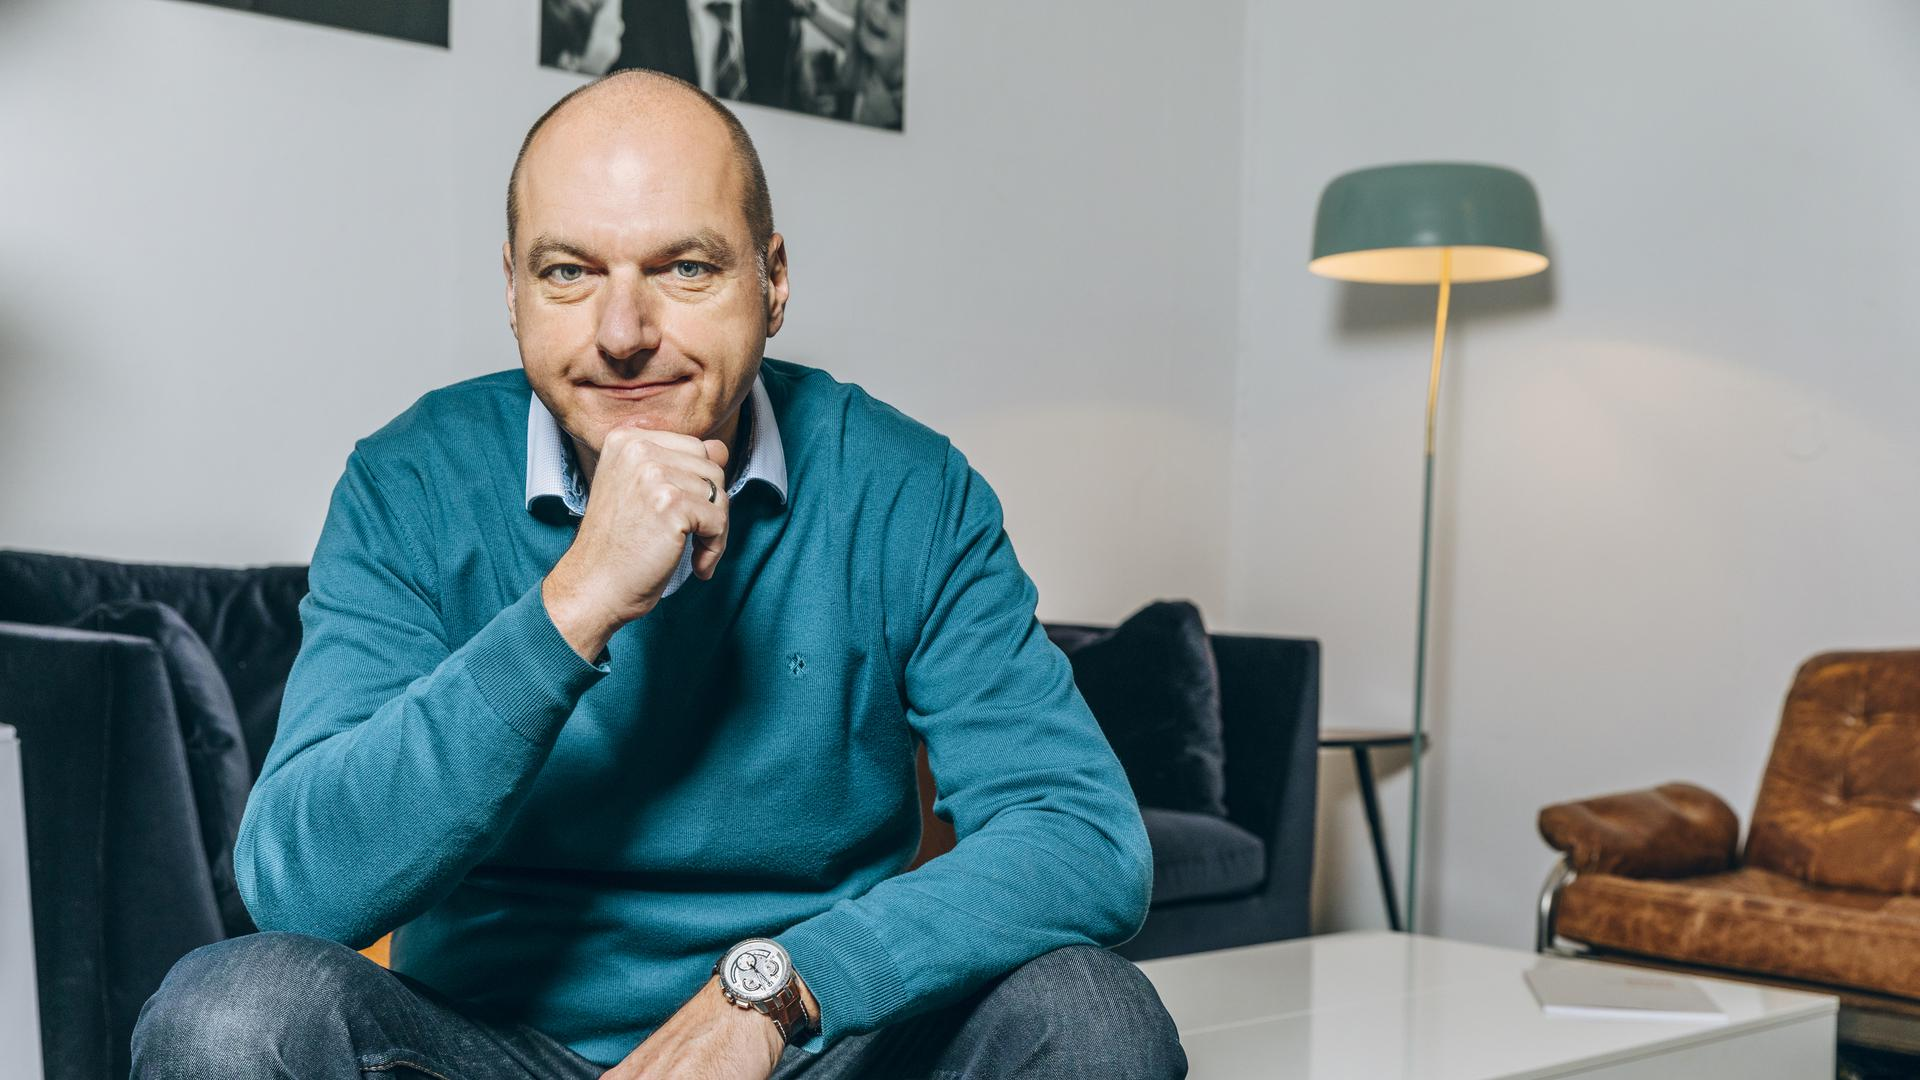 Auf ihn hören die Politiker: Der Freiburger Frank Stauss hat an über 30 Wahlkämpfen mitgearbeitet. Anfangs ging es um eine Kampagne für Bill Clinton, später arbeitete der 56-Jährige vor allem mit Parteigrößen der SPD zusammen.